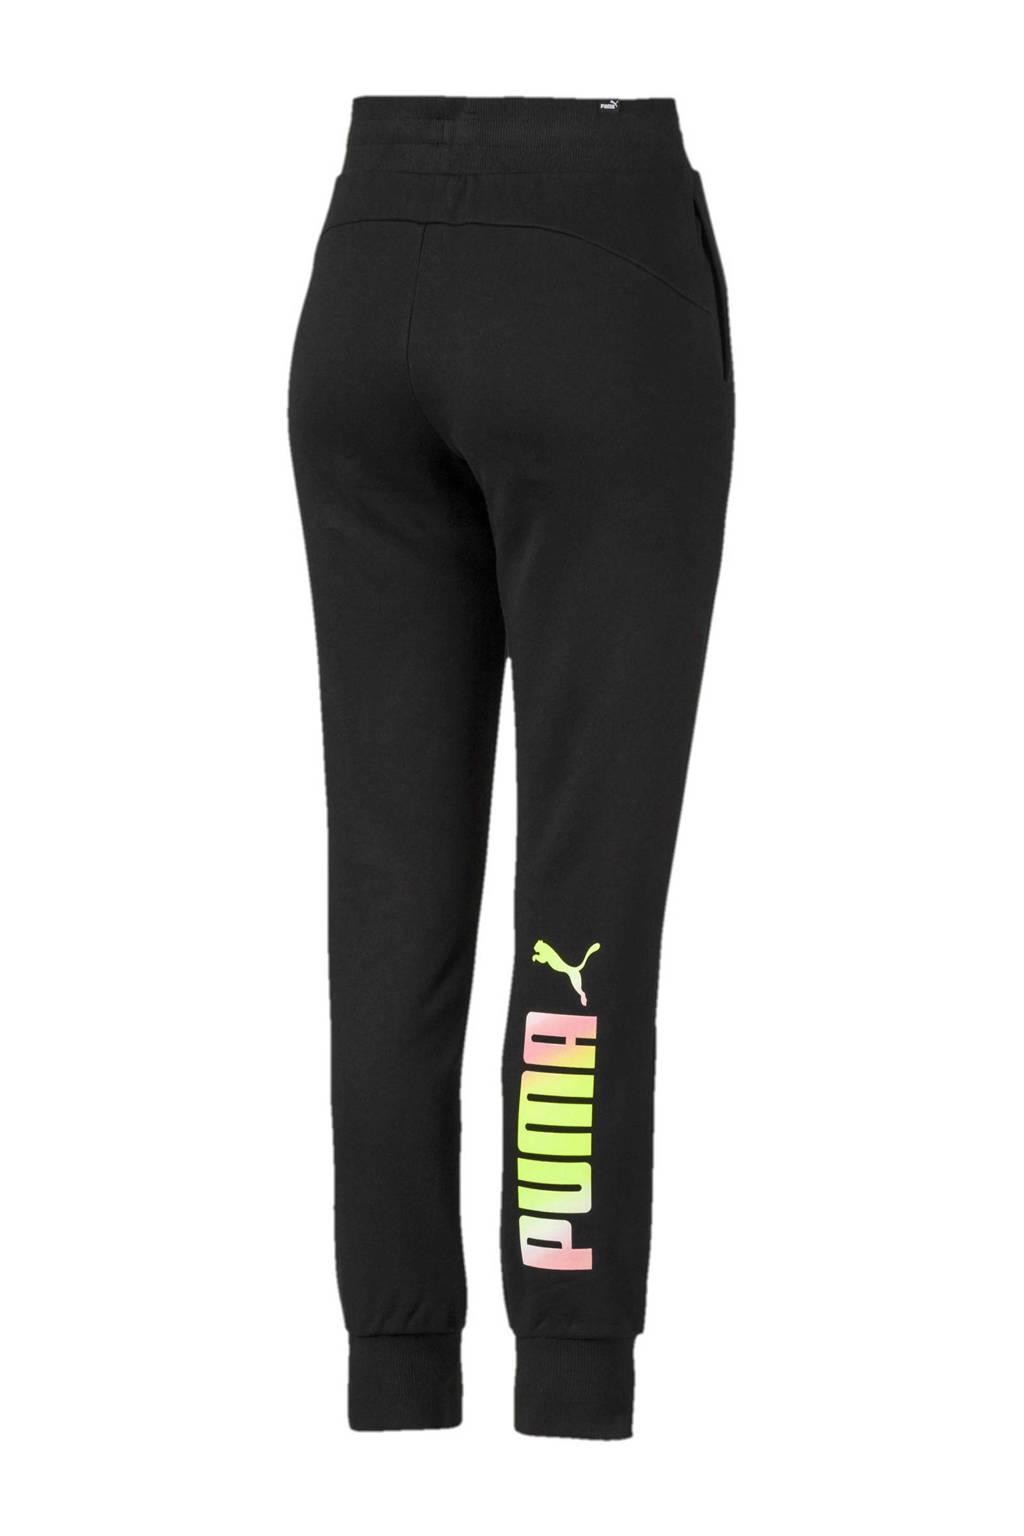 Puma regular fit joggingbroek zwart, Zwart